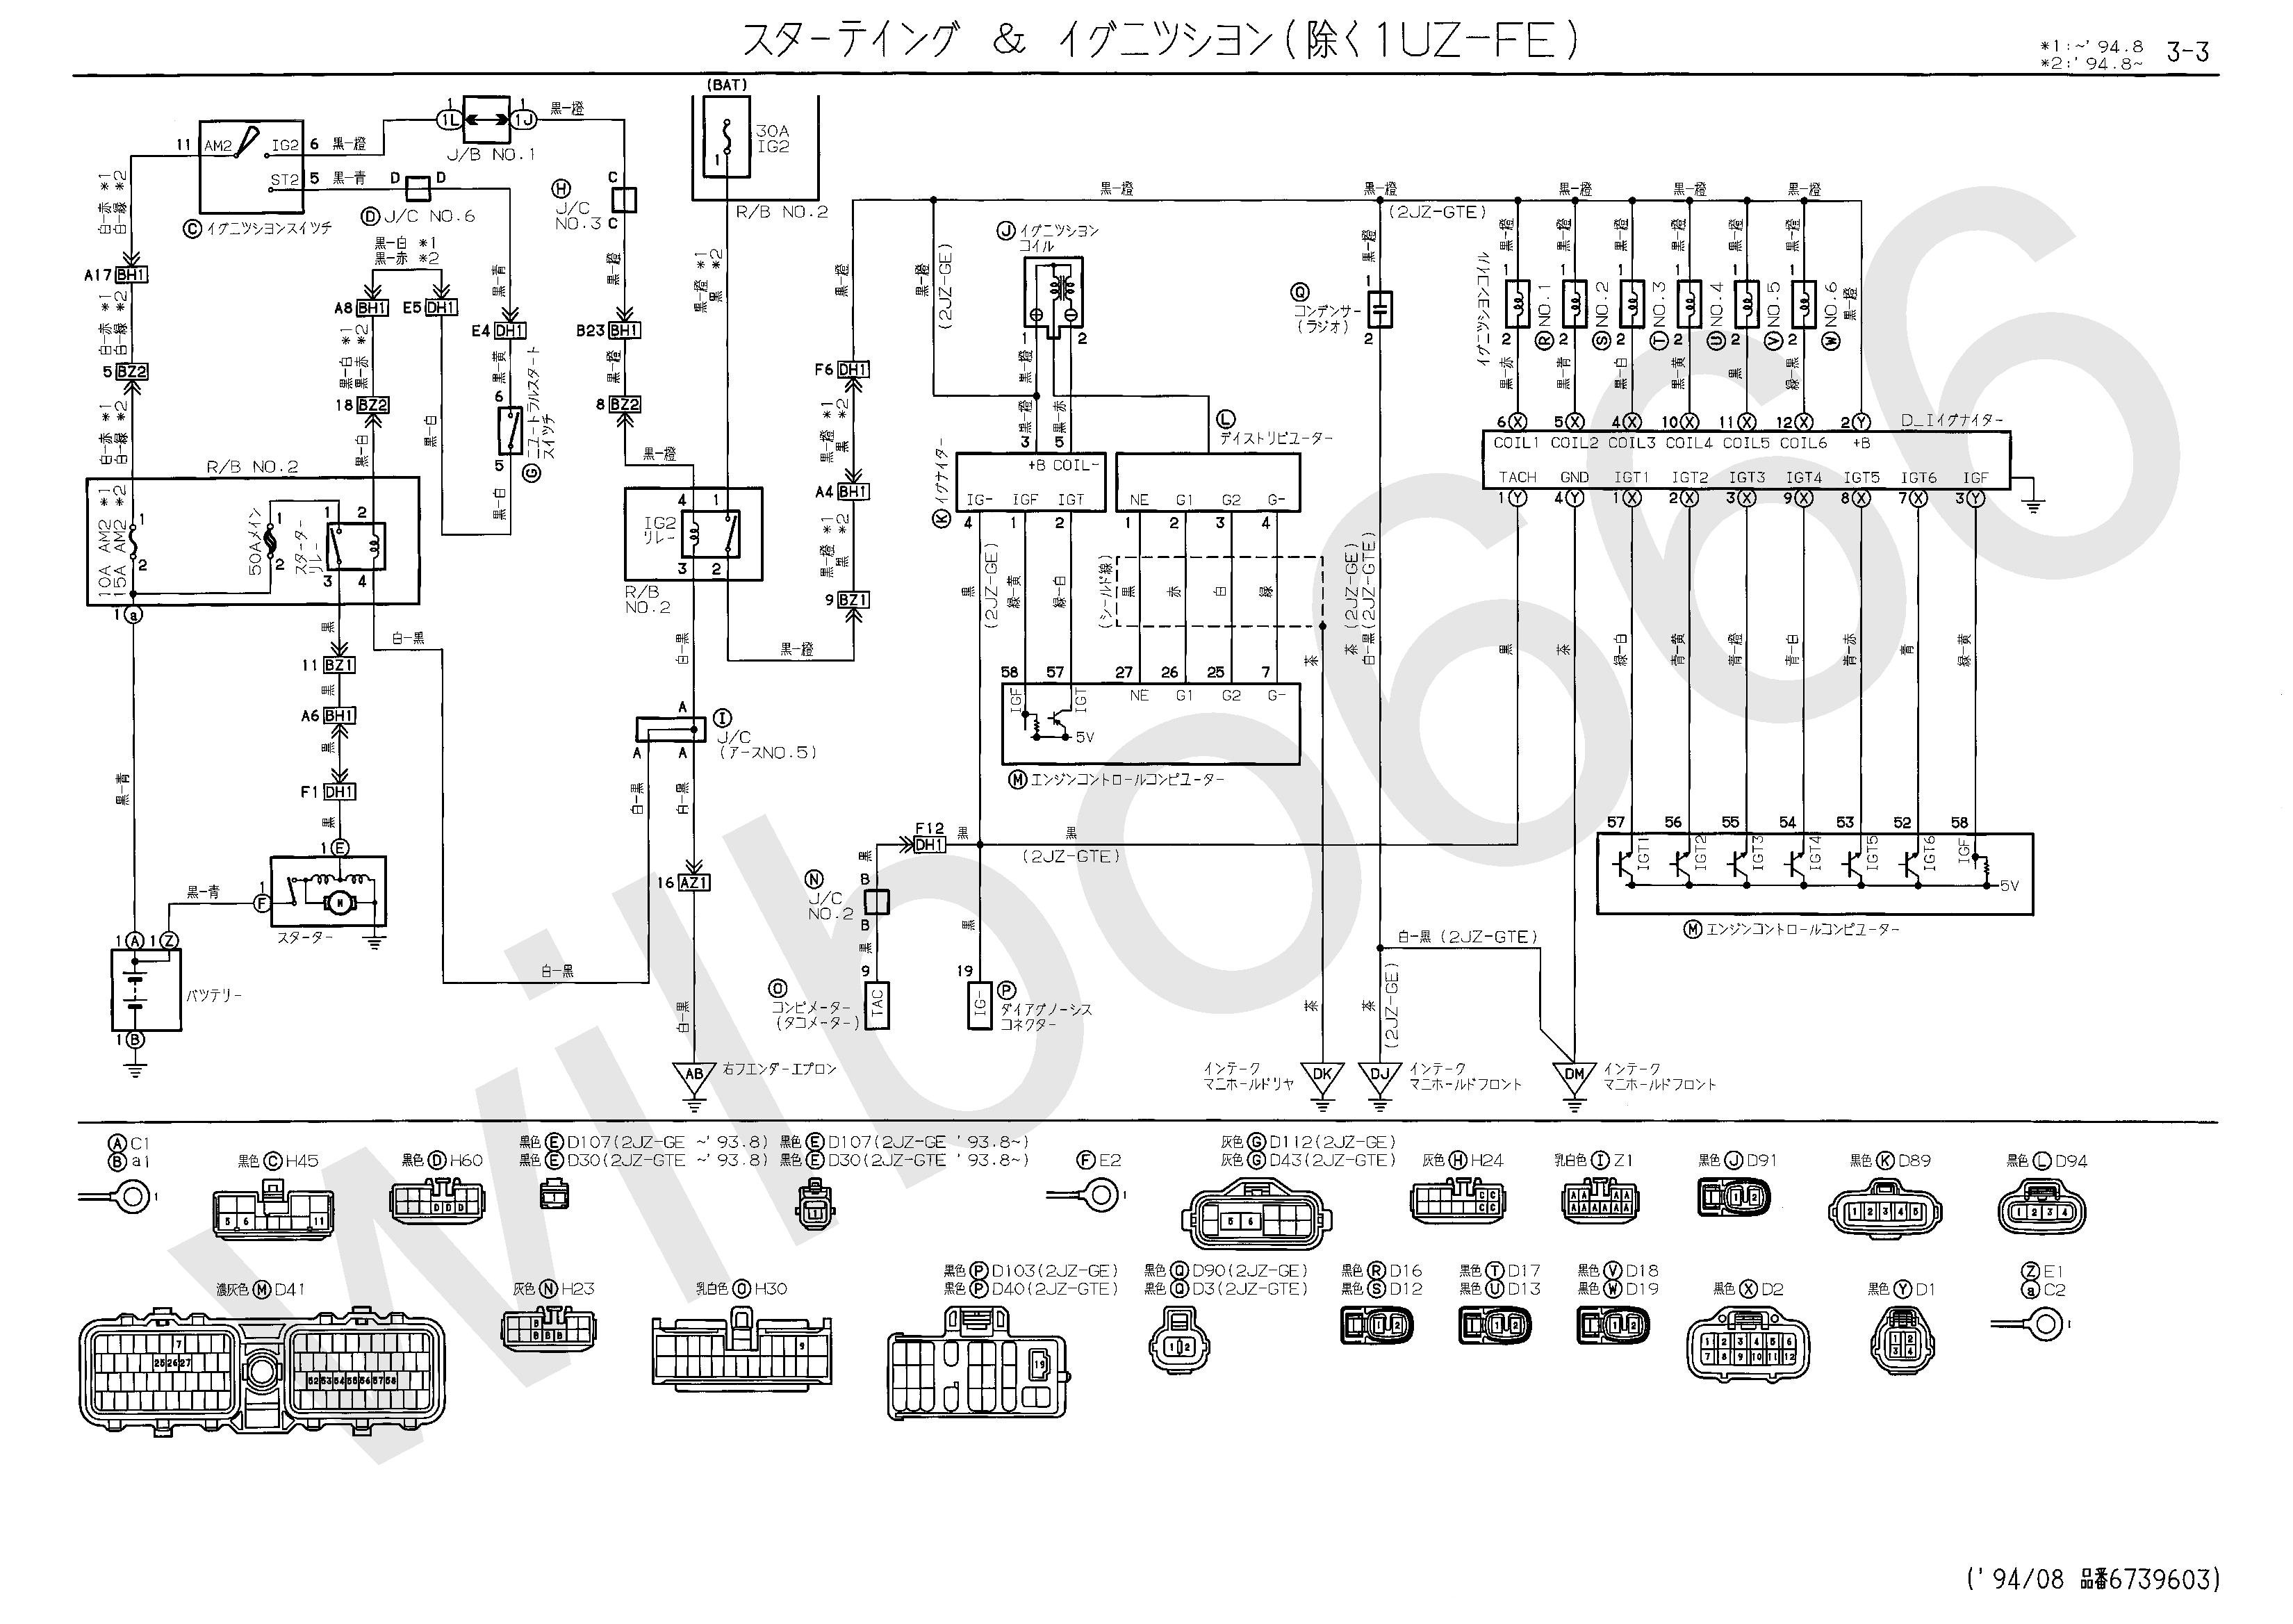 Bmw R1150rt Wiring Diagram Download Free Download Wiring Diagrams Fender  Jaguar Wiring Diagram Bmw R1150rt Wiring Diagram Download